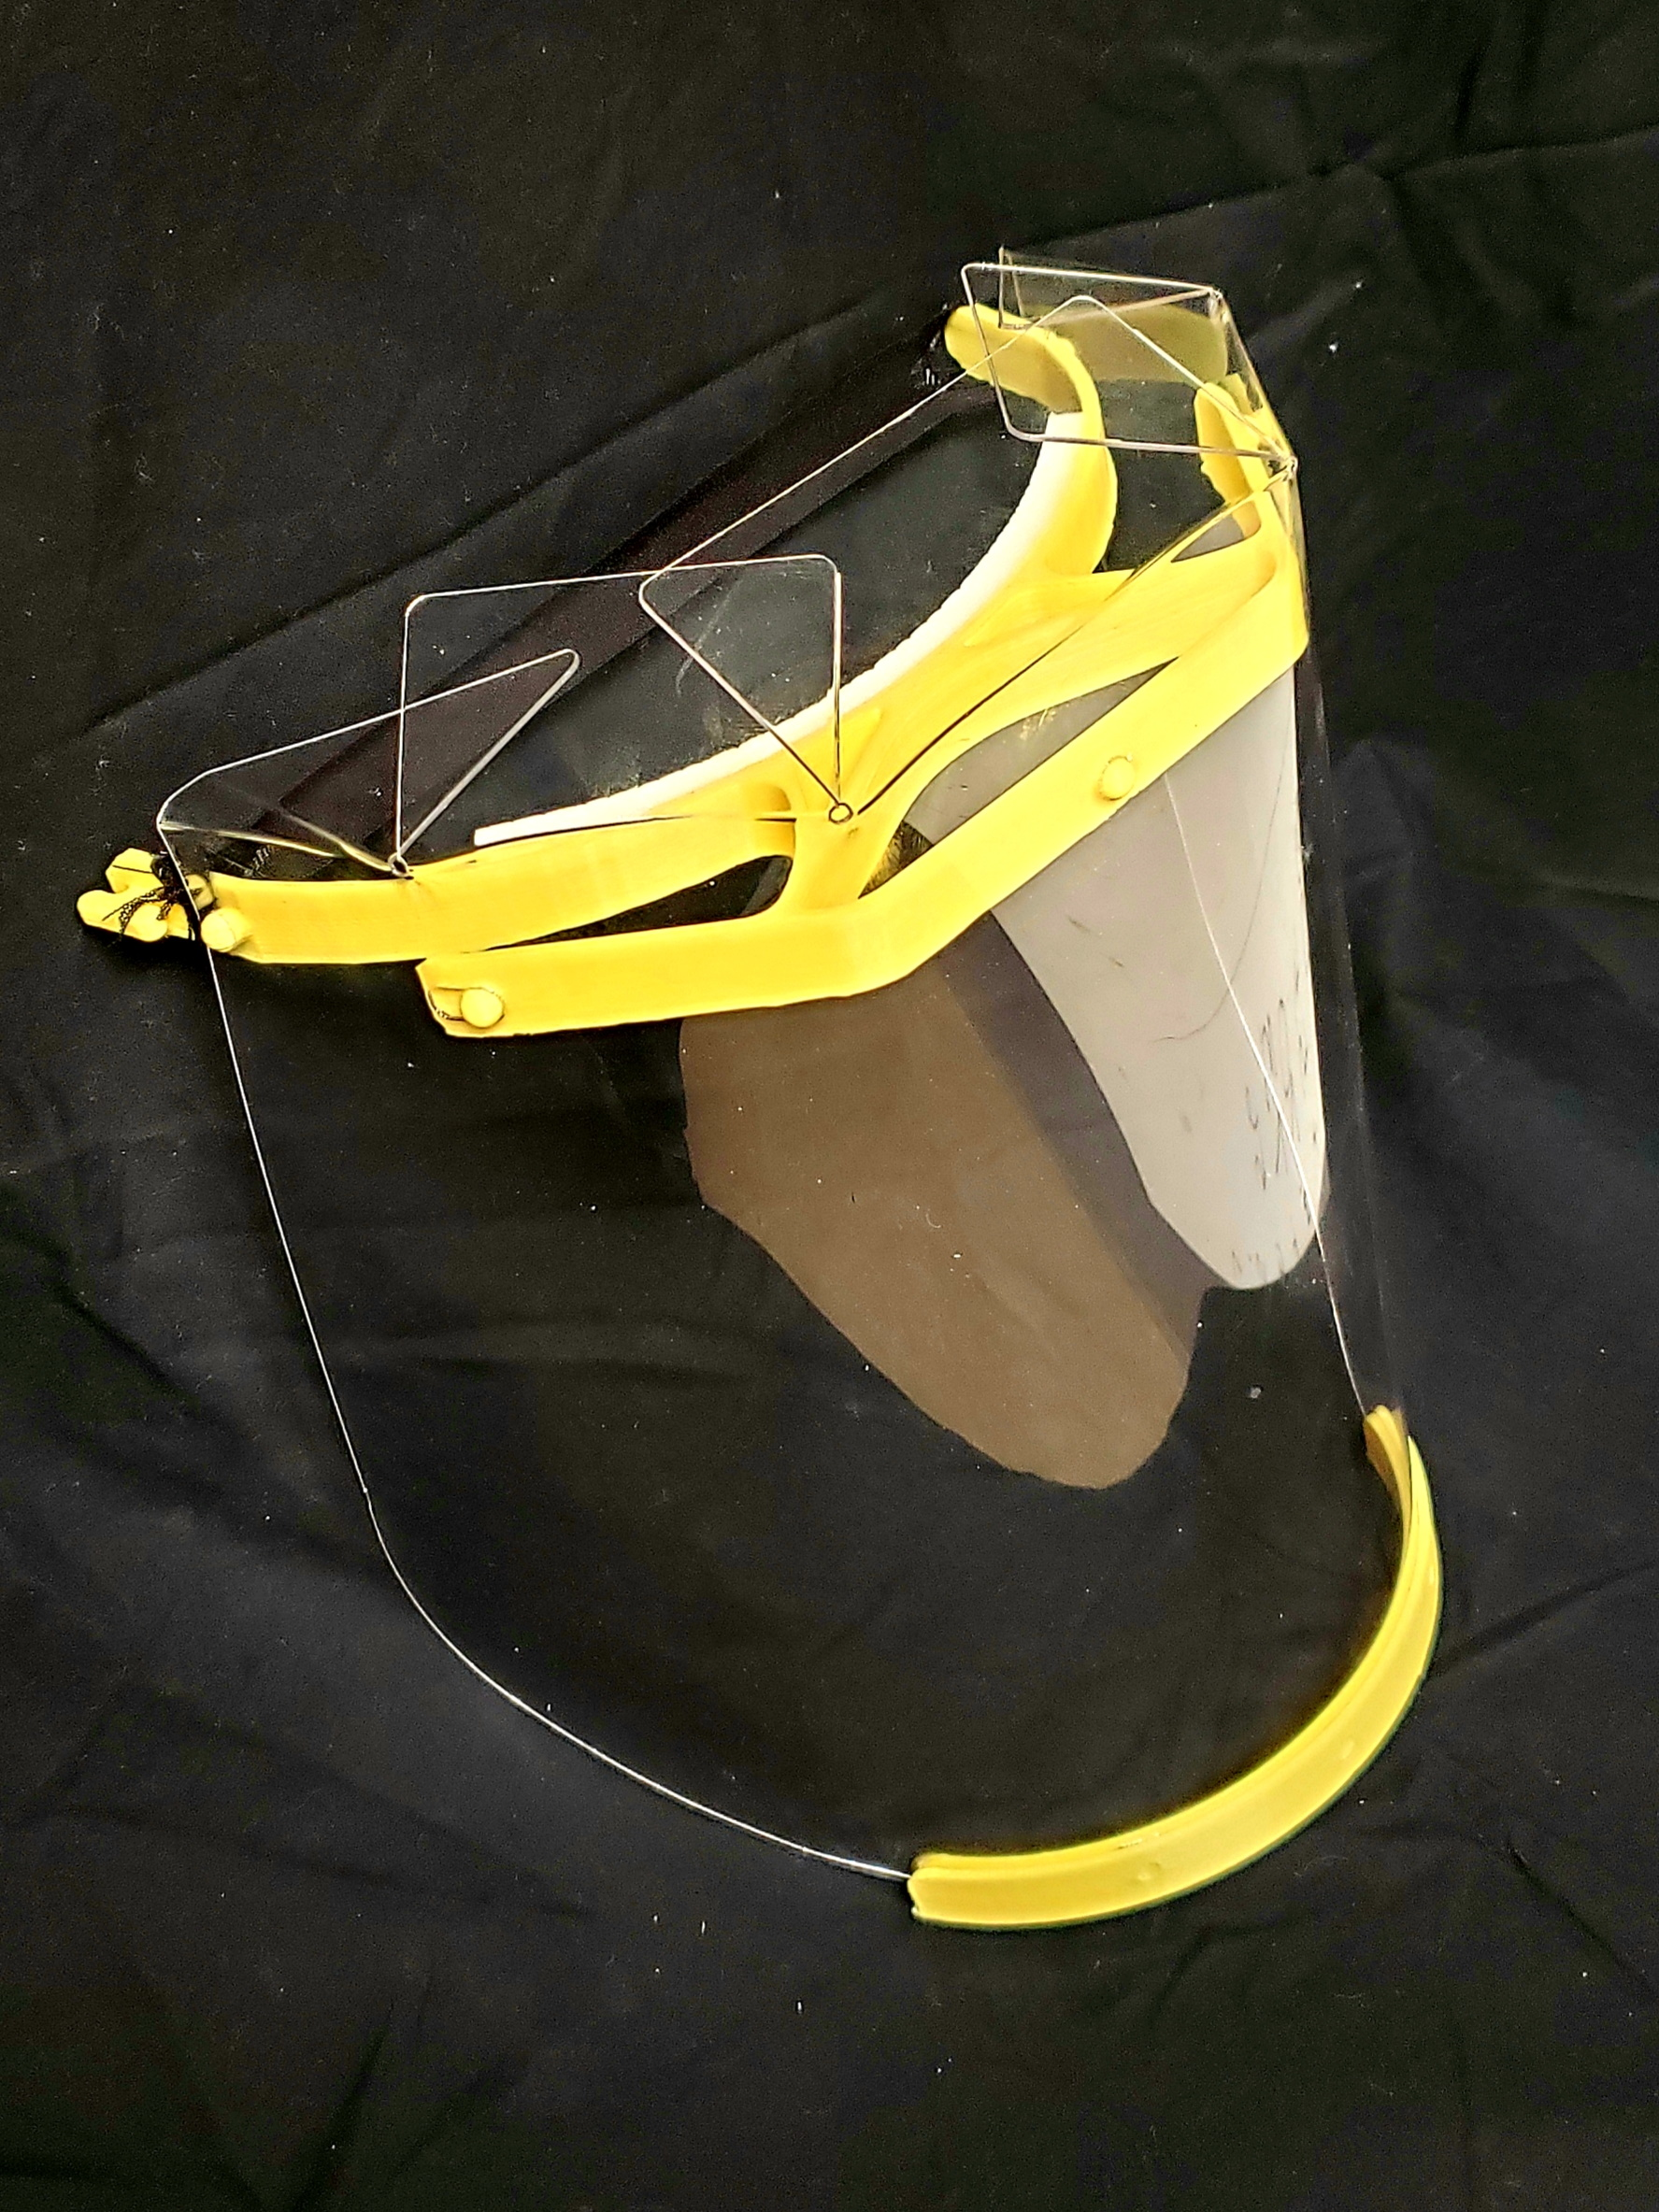 yellowshield